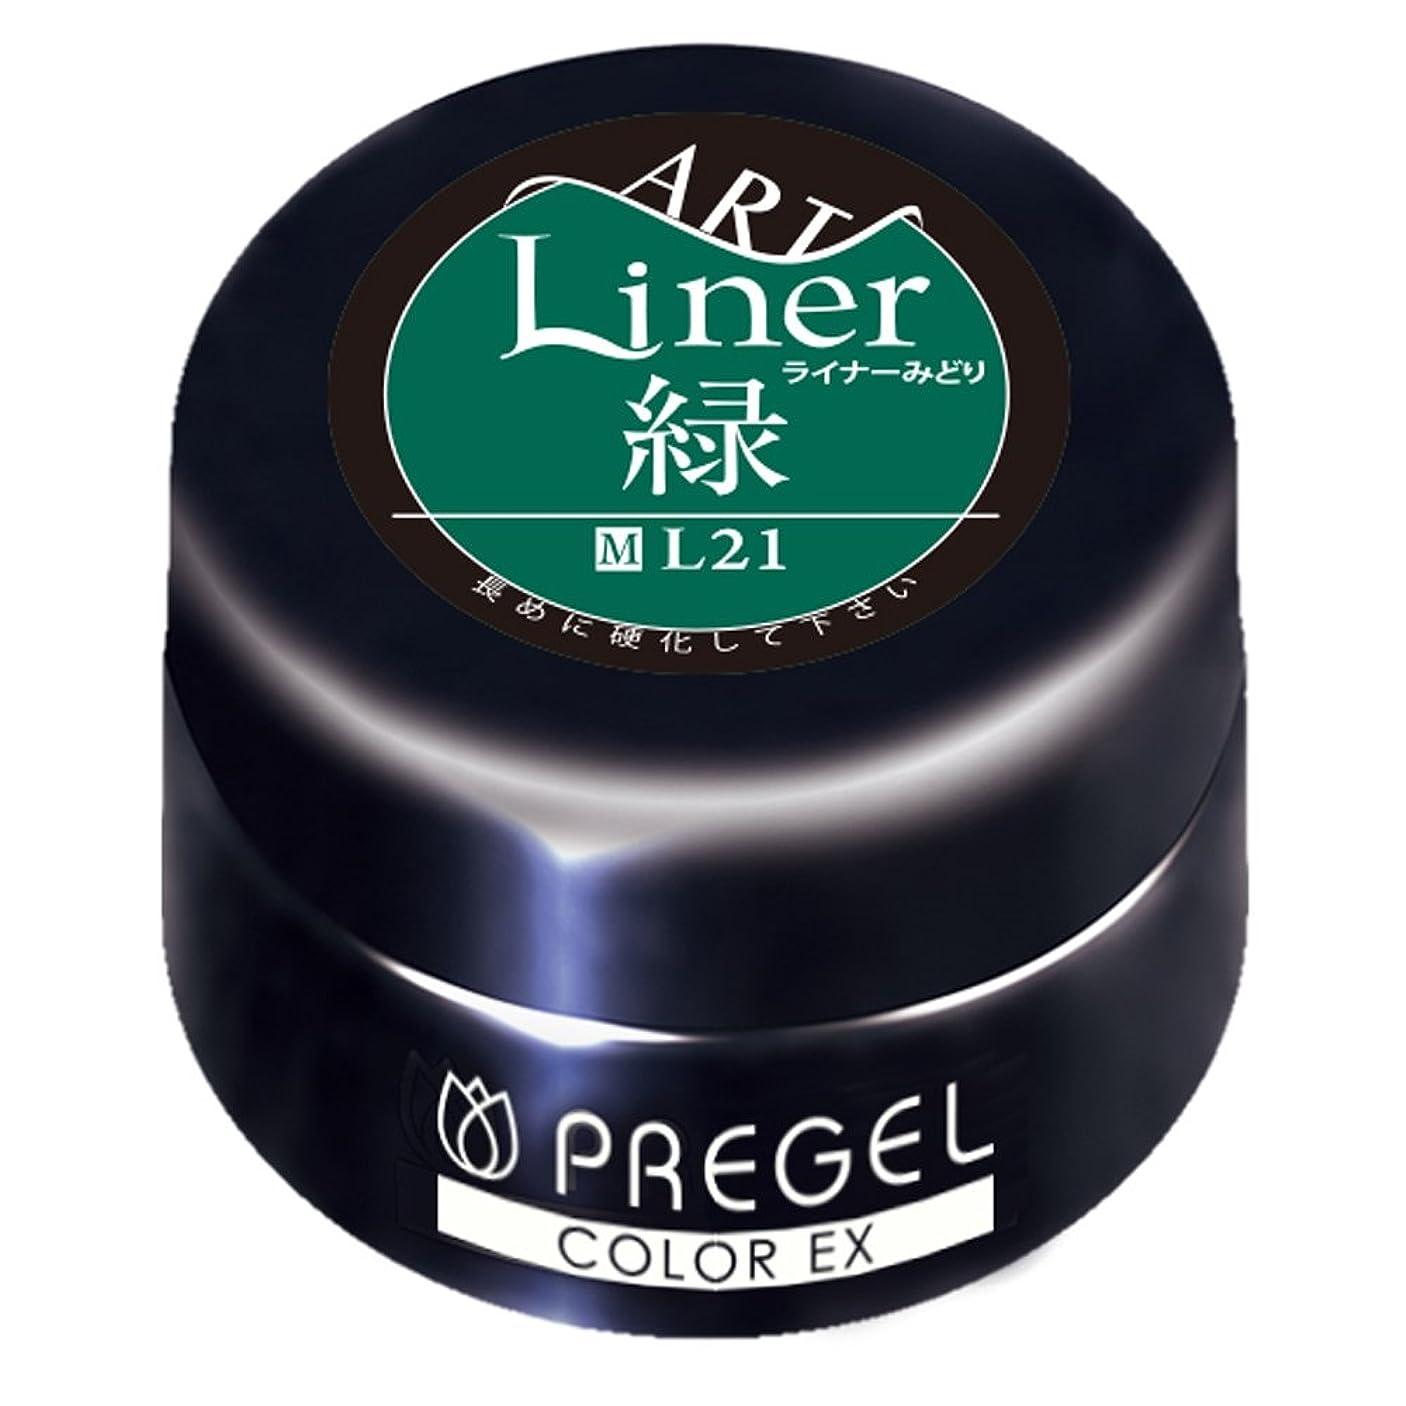 苦悩重量文句を言うPRE GEL カラーEX ライナー緑21 4g UV/LED対応